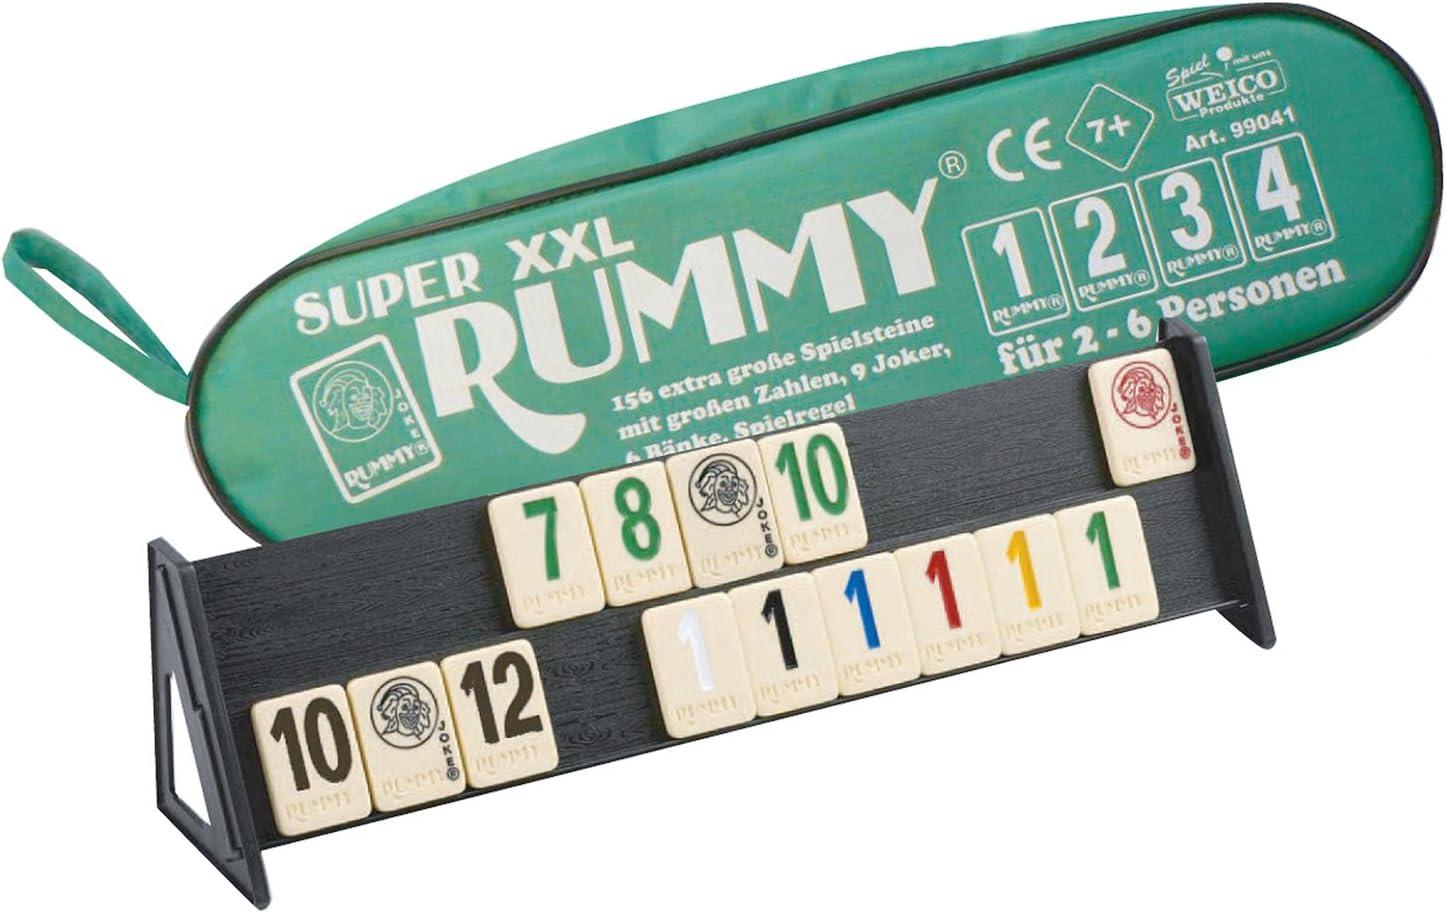 Weico 99041 – Sociedad Juego, Super XXL Rummy para 2 – 6 Jugadores ...